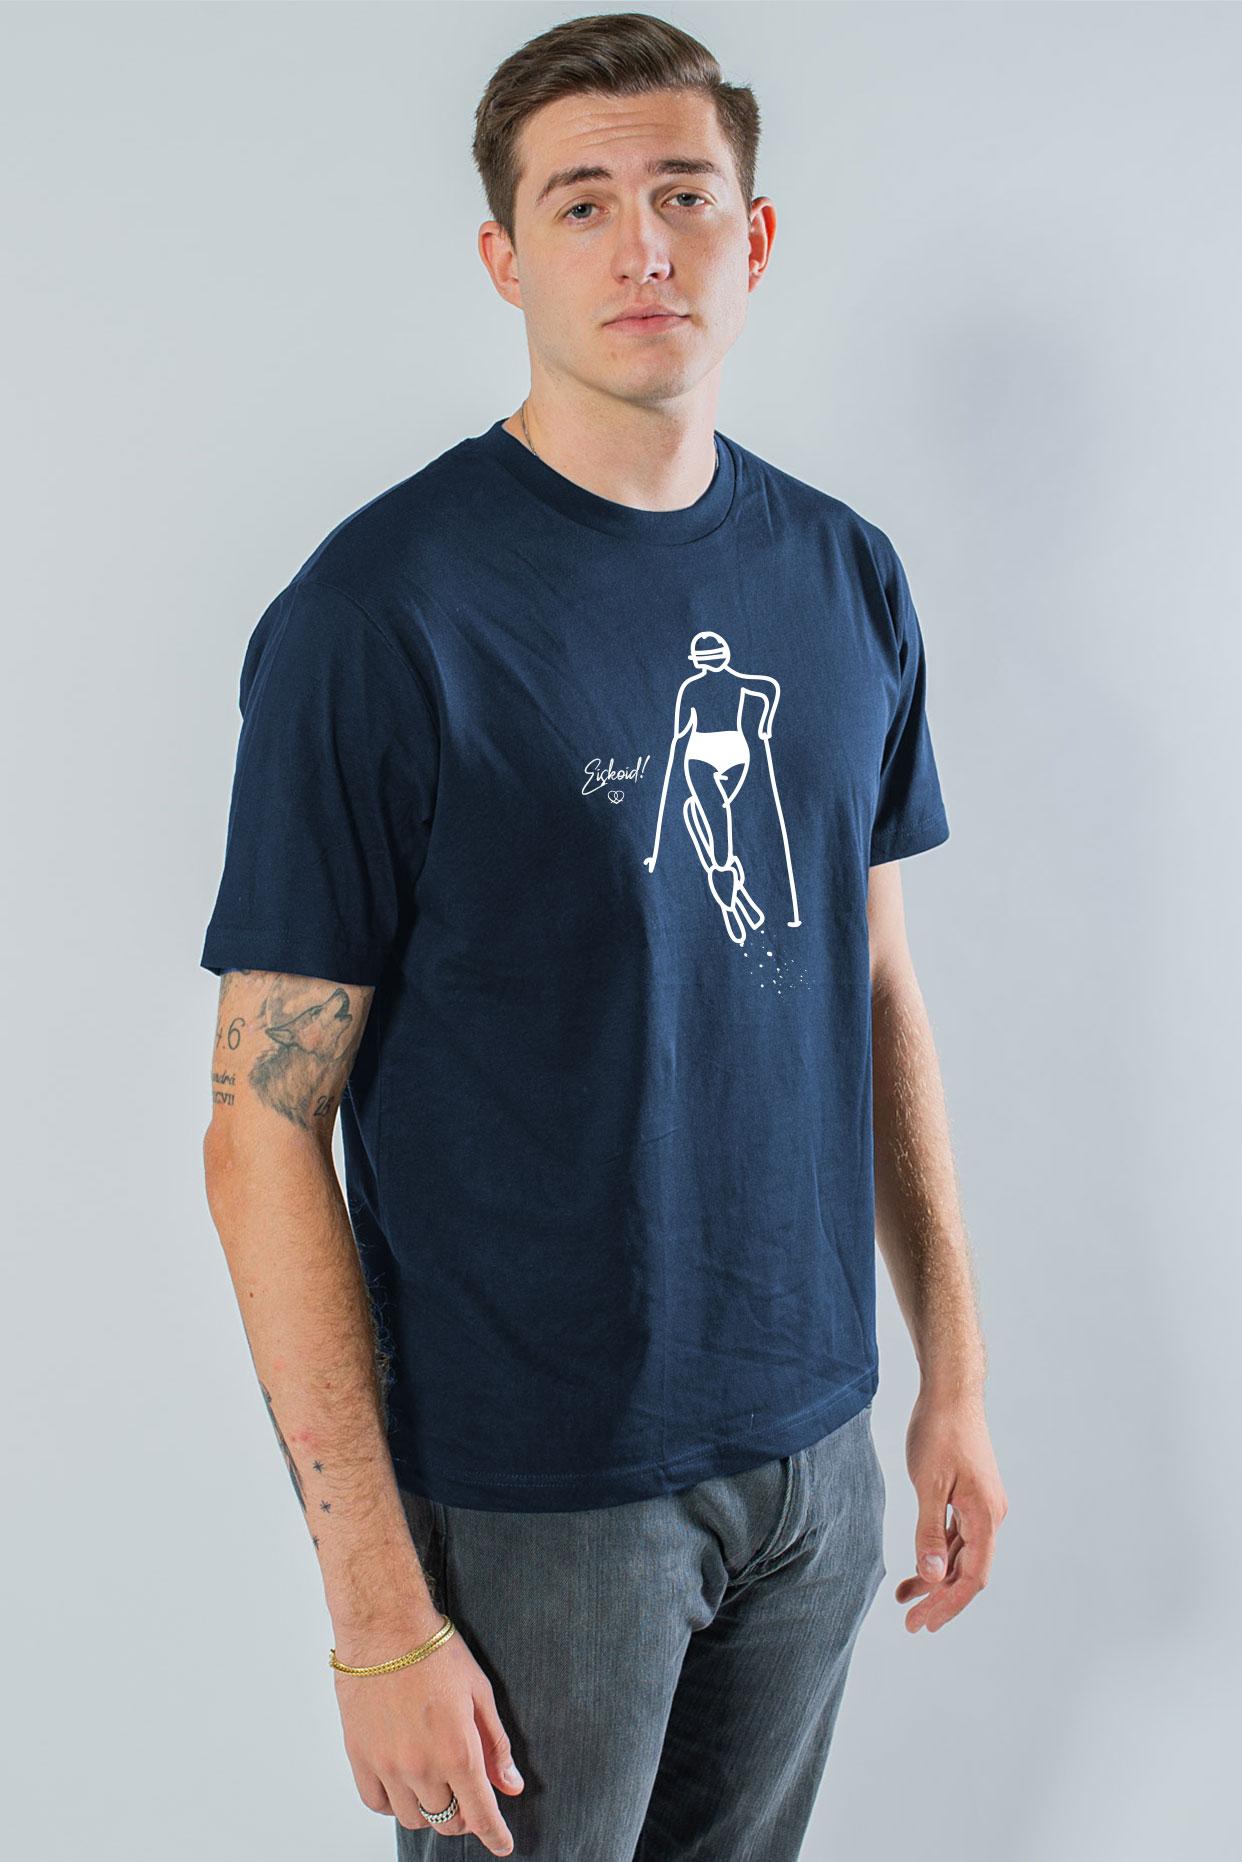 Nackade  Unisex T-Shirt